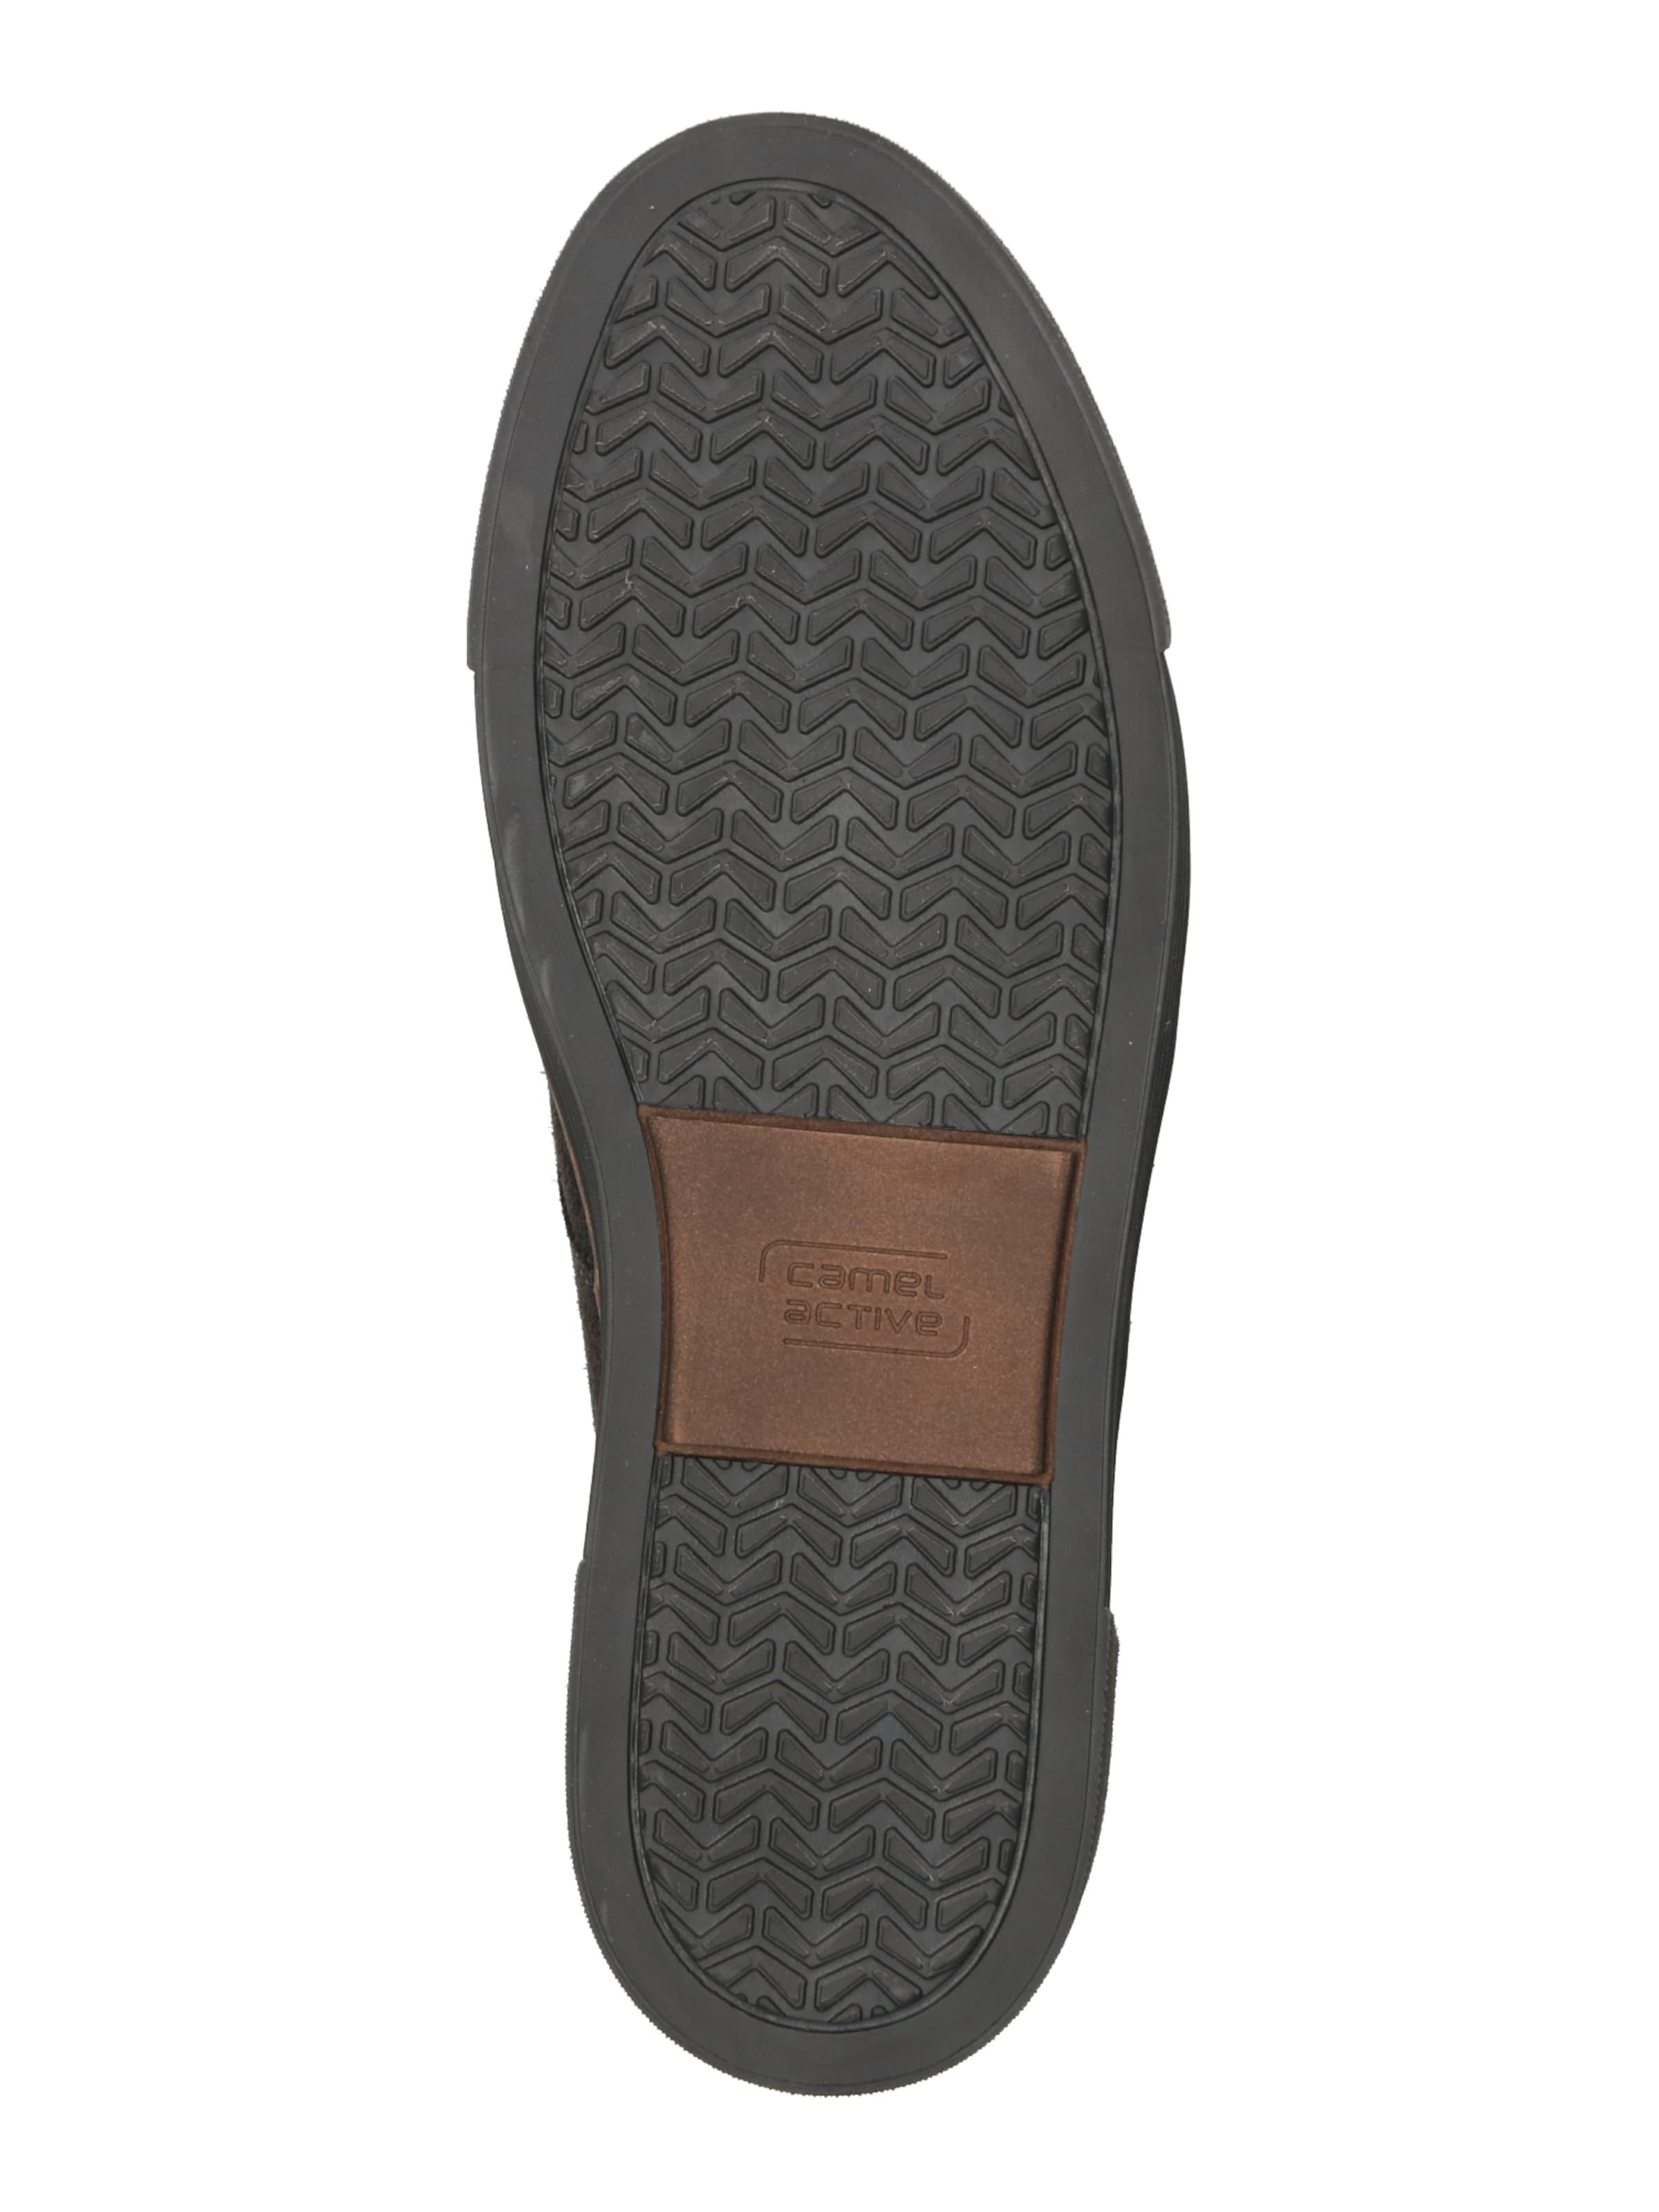 Basaltgrau Sneaker Active In Camel 'racket' MqGLSzUVp